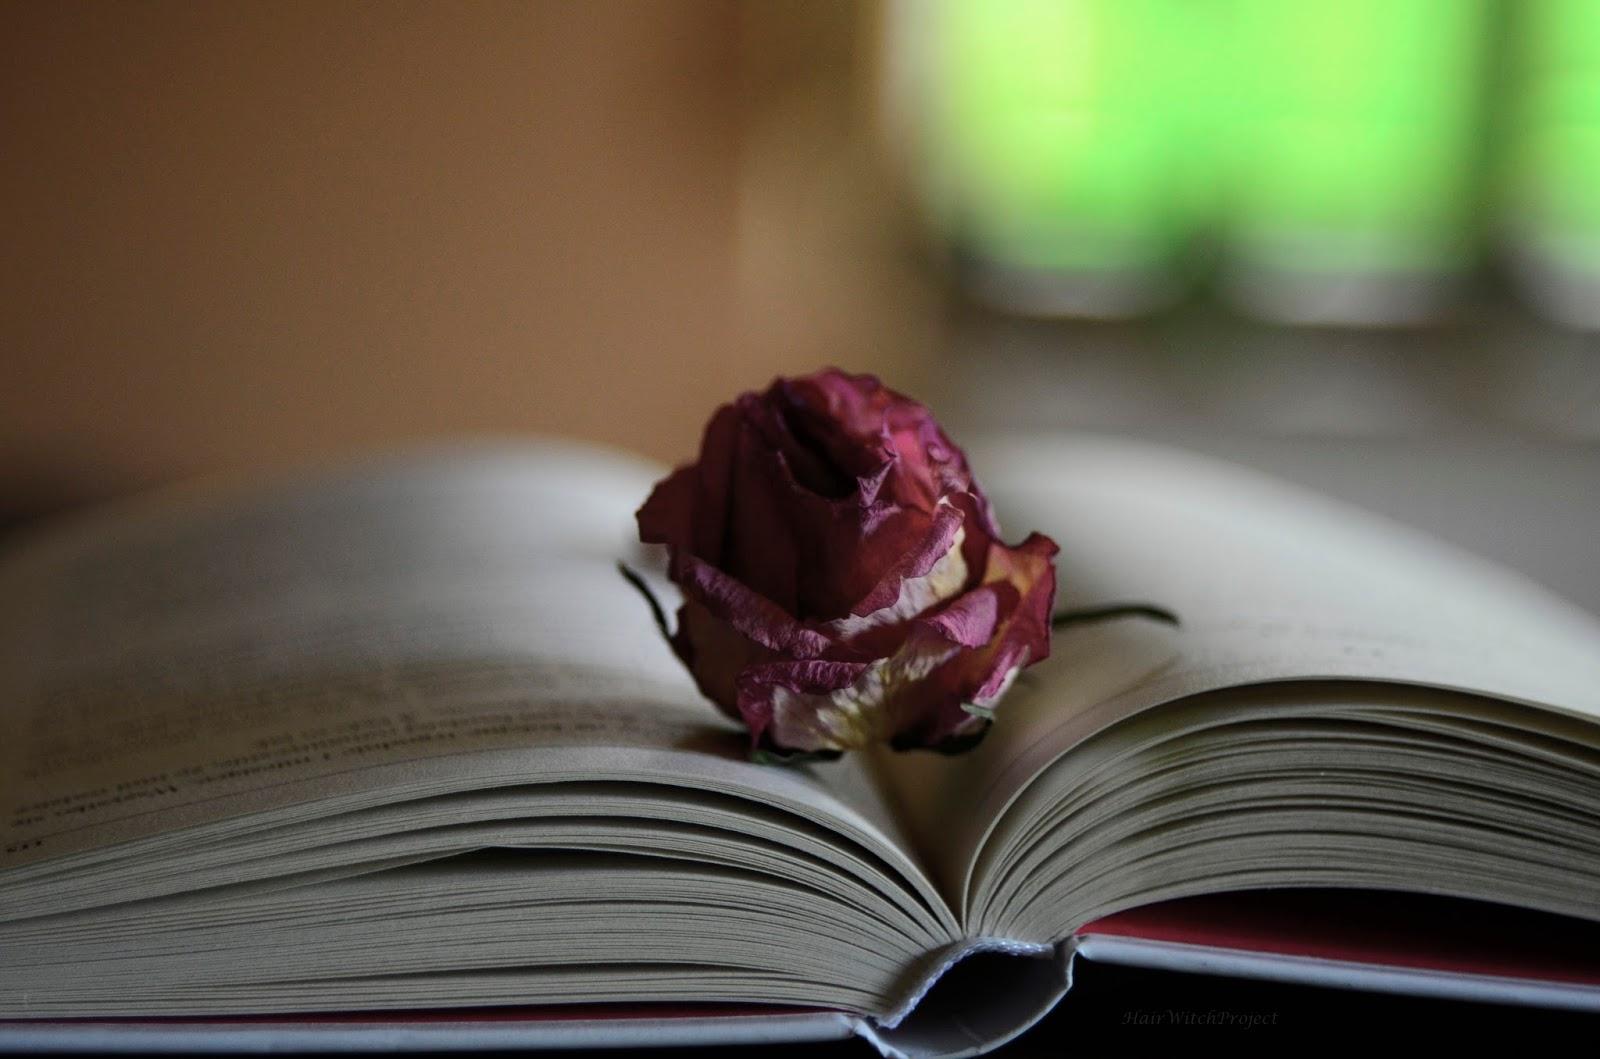 książka | #instaserial o miłości | recenzja | lifestyle | róża